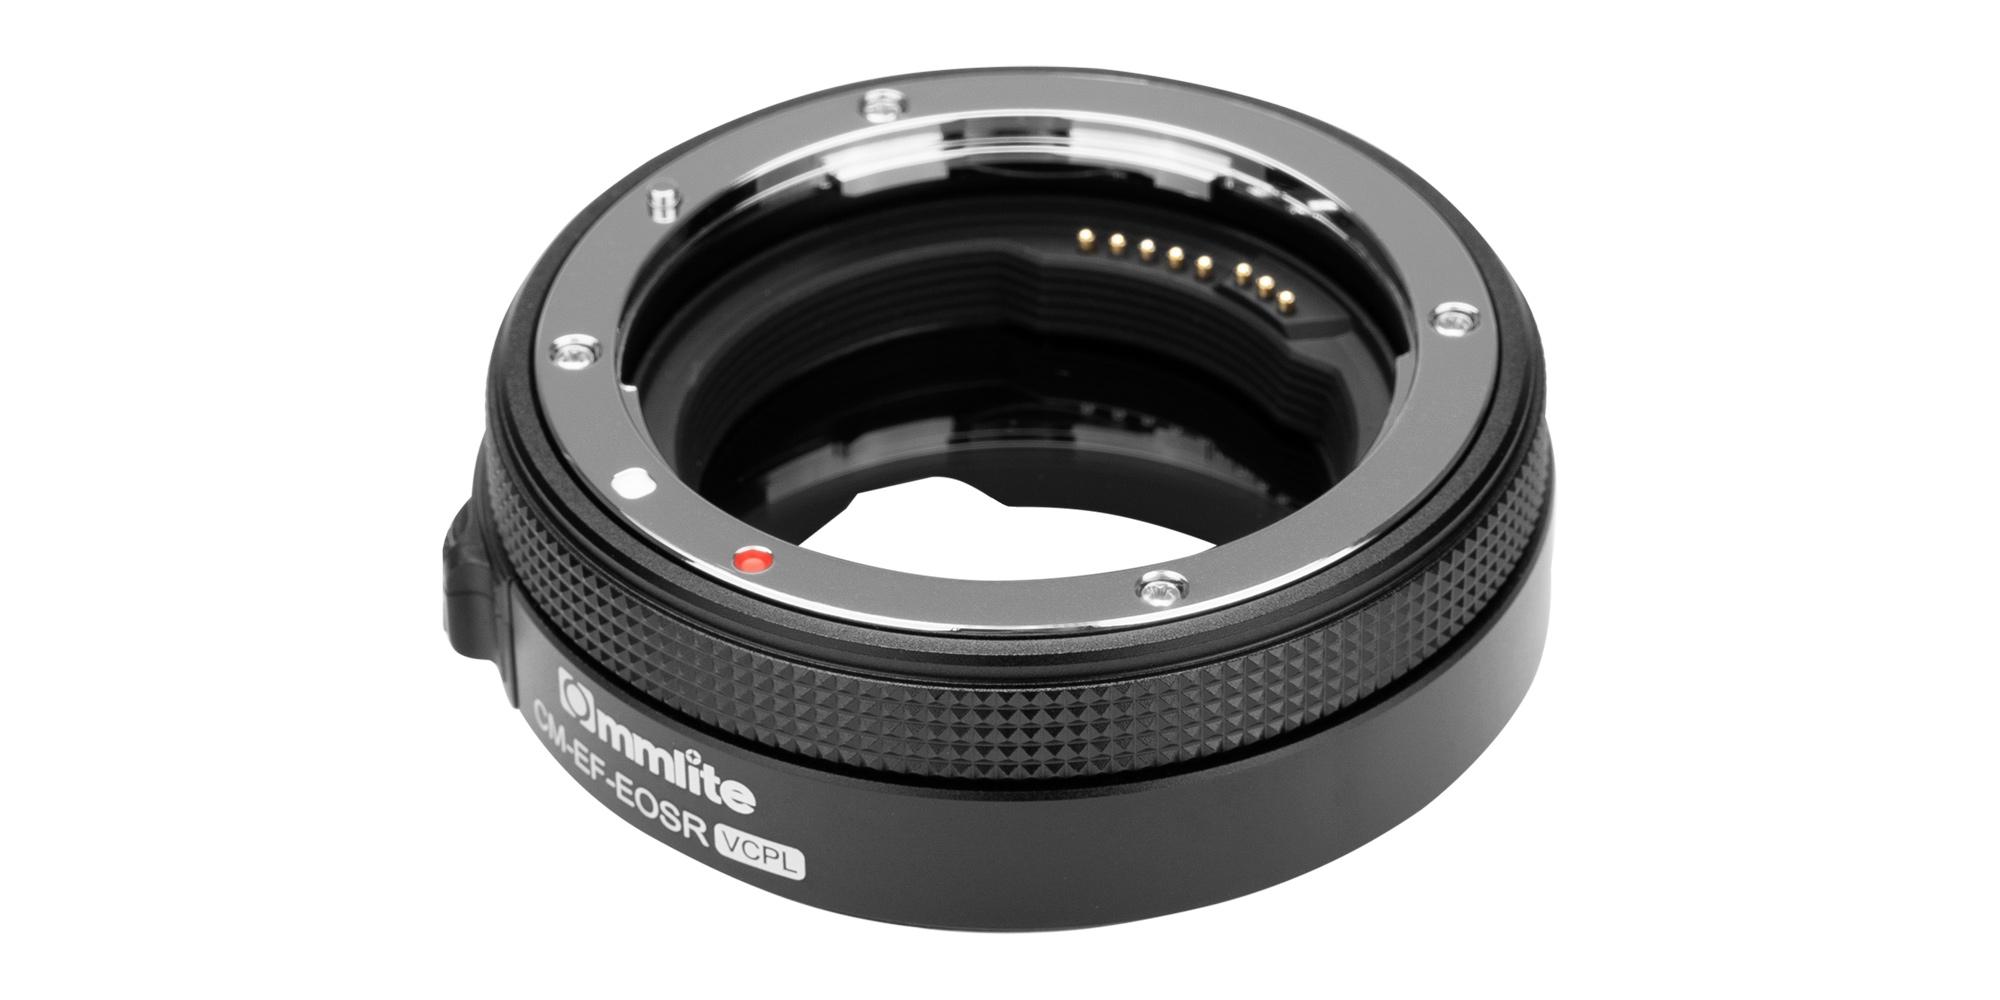 Adapter bagnetowy Commlite CM-EF-EOSR VCPL - mocowanie na obiektyw Canon EF